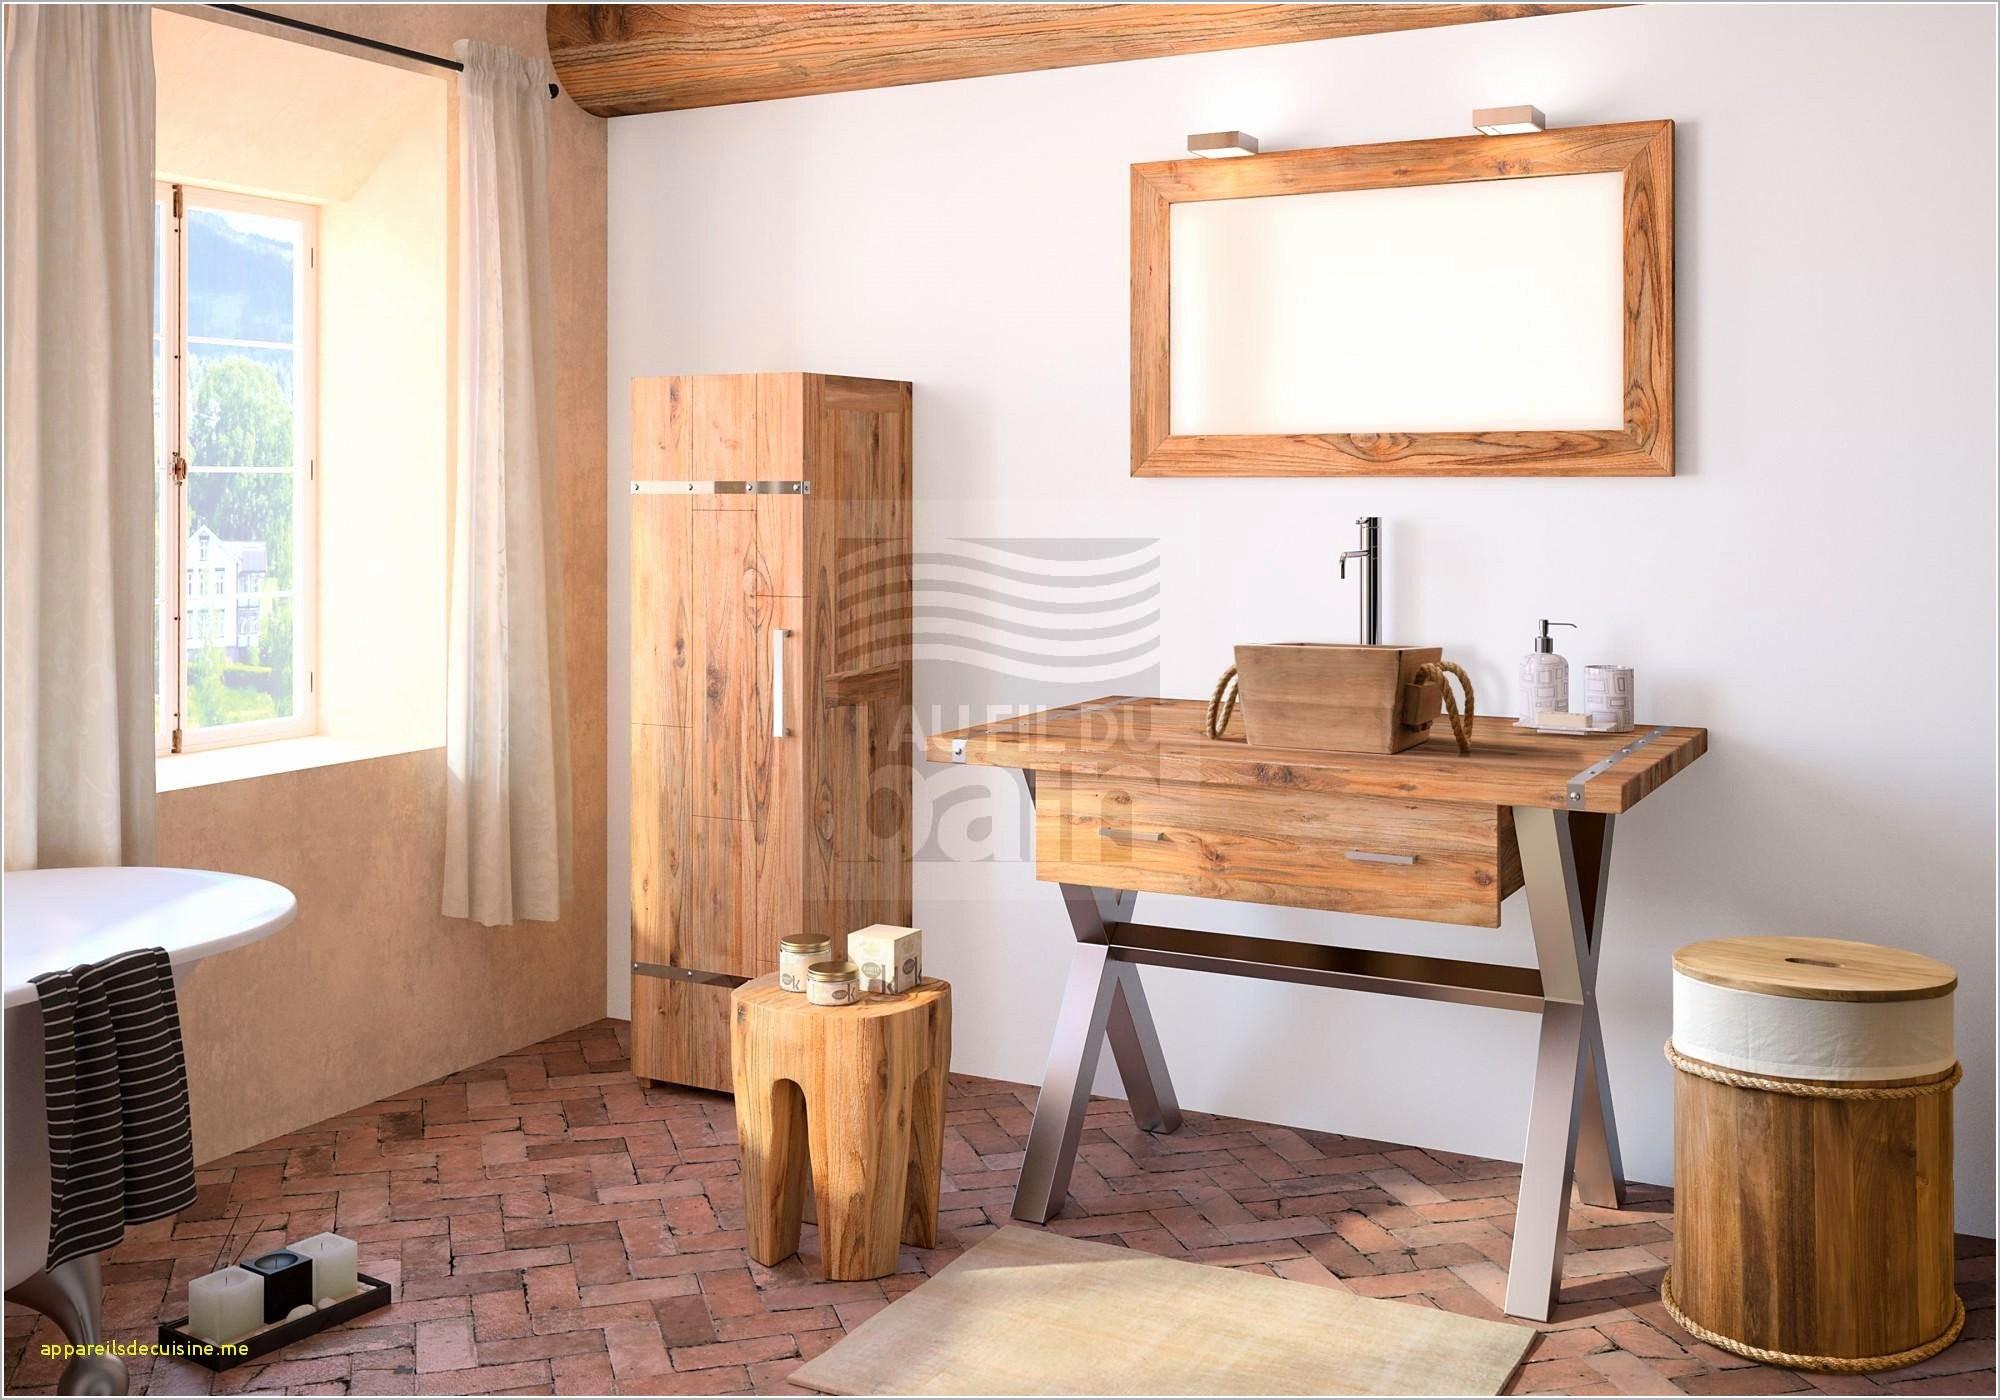 salle de bain marbre et bois depuis exceptionnel lavabo salle bain meuble lavabo bois inspirant robinet cuivre 0d of salle de bain marbre et bois